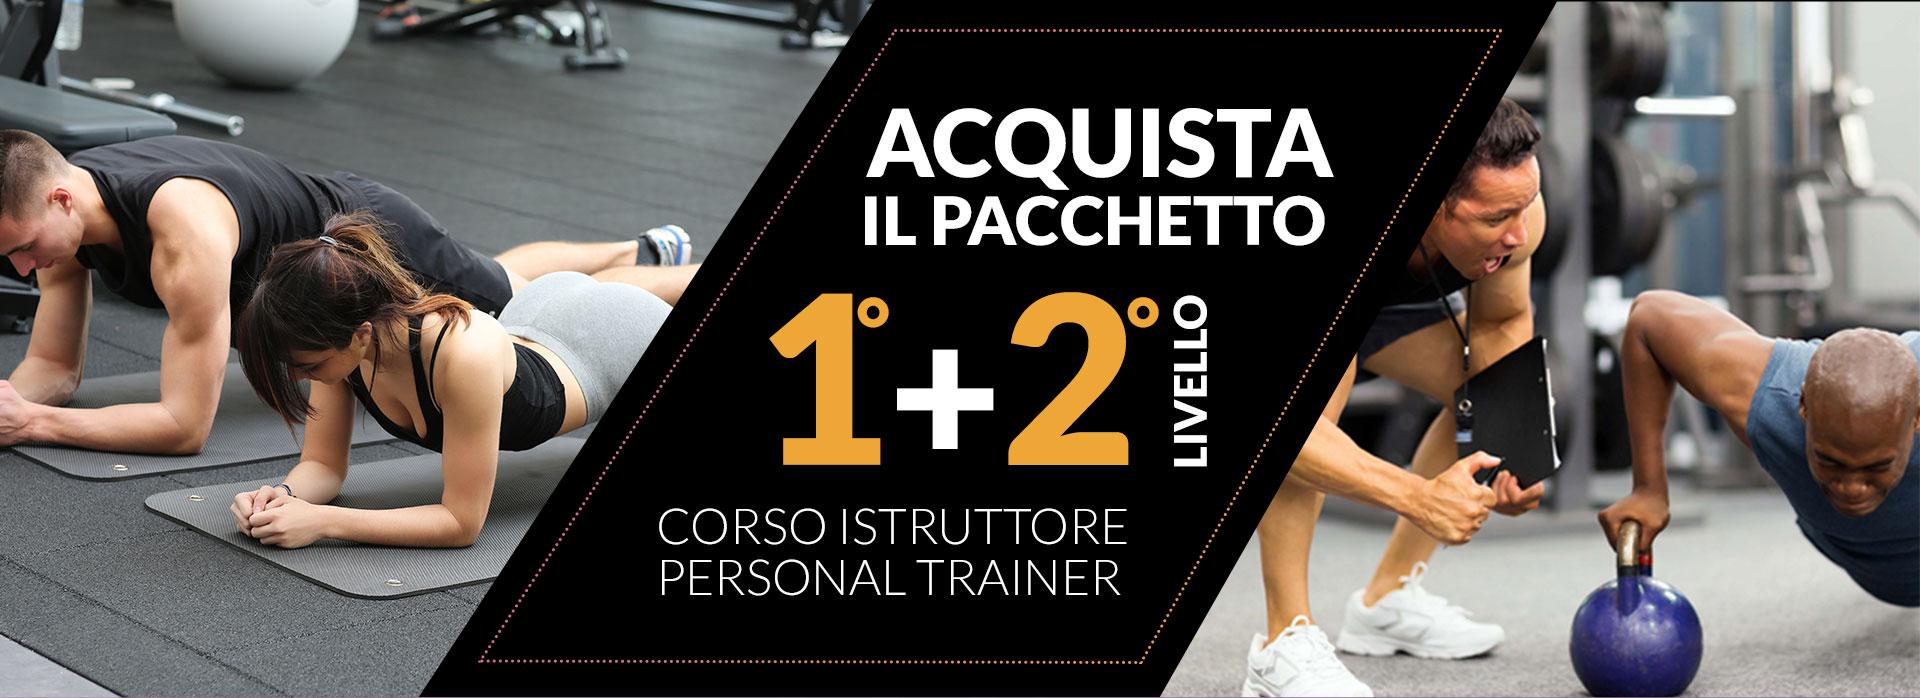 offerta corso personal trainer